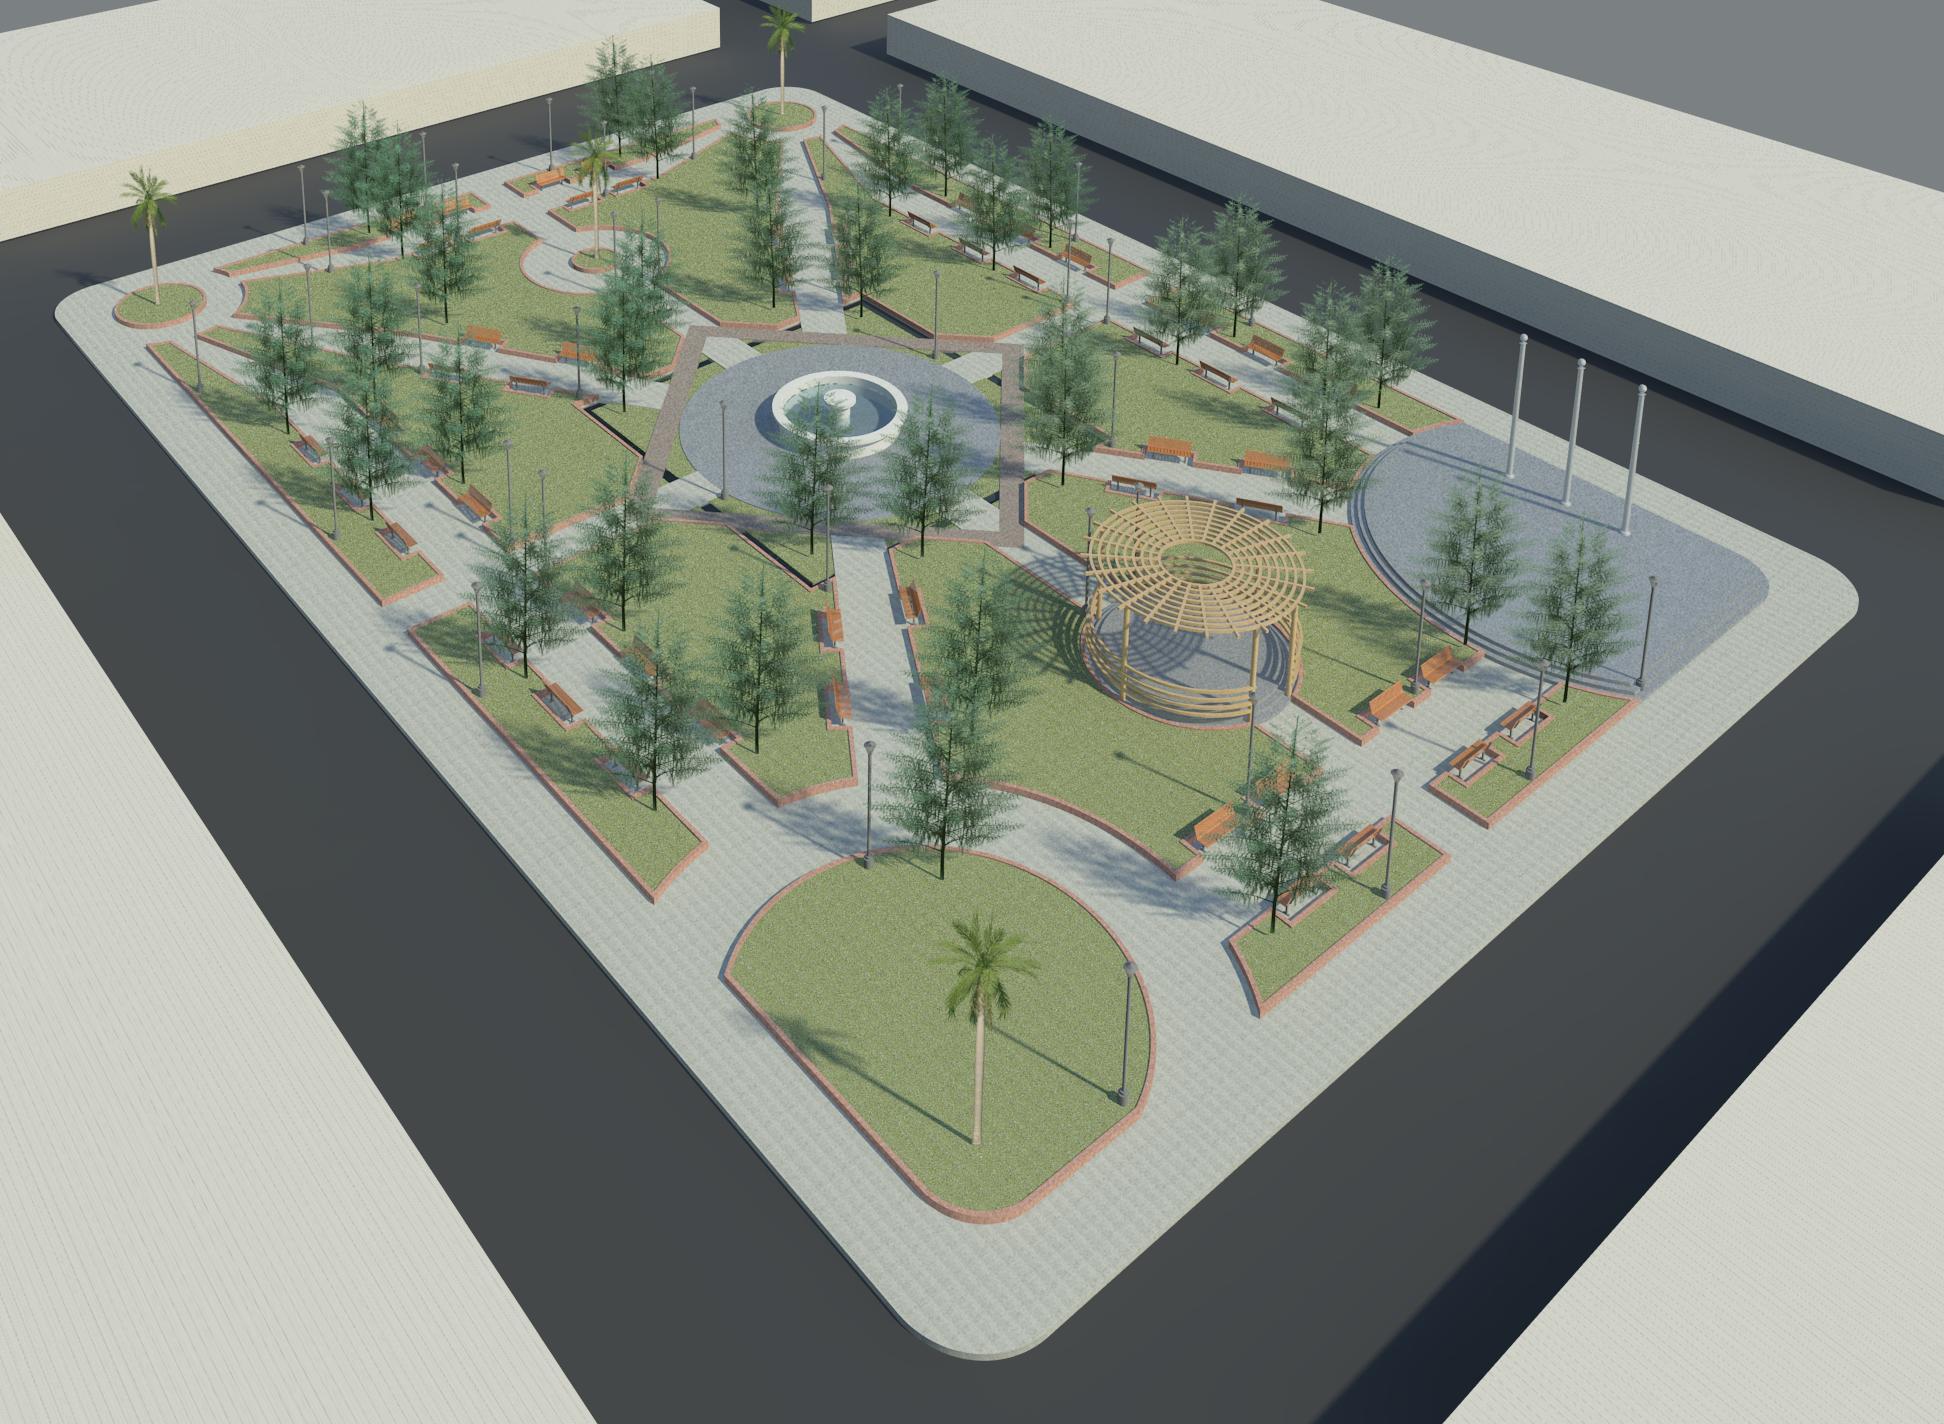 پروژه معماری طراحی پارک (بوستان)